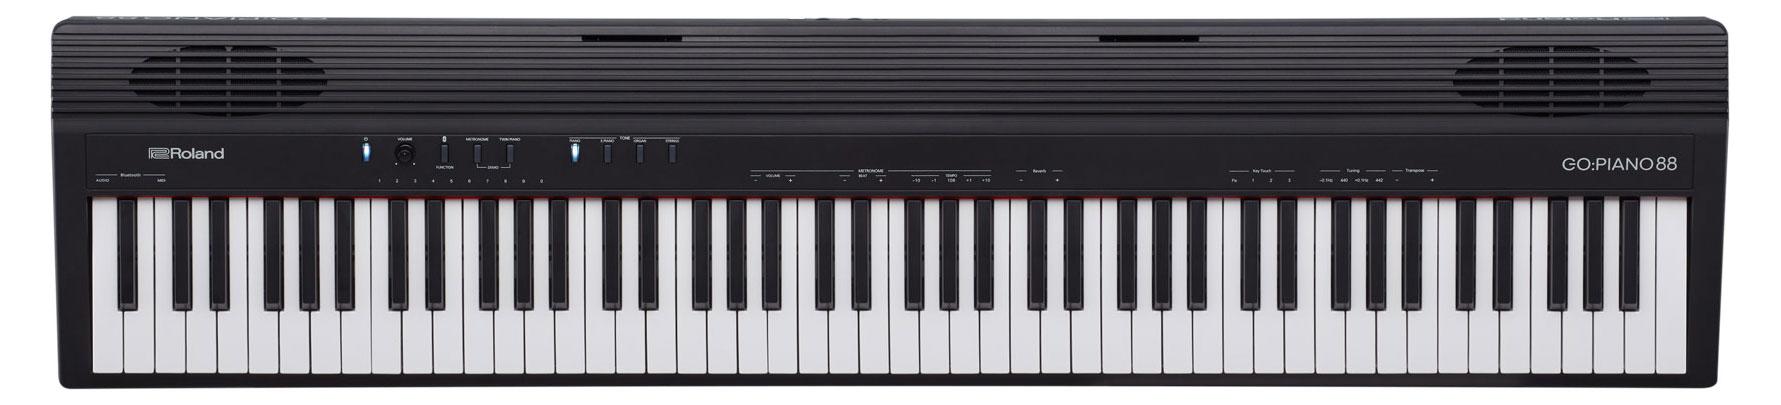 Stagepianos - Roland GO PIANO 88 Digitalpiano - Onlineshop Musikhaus Kirstein